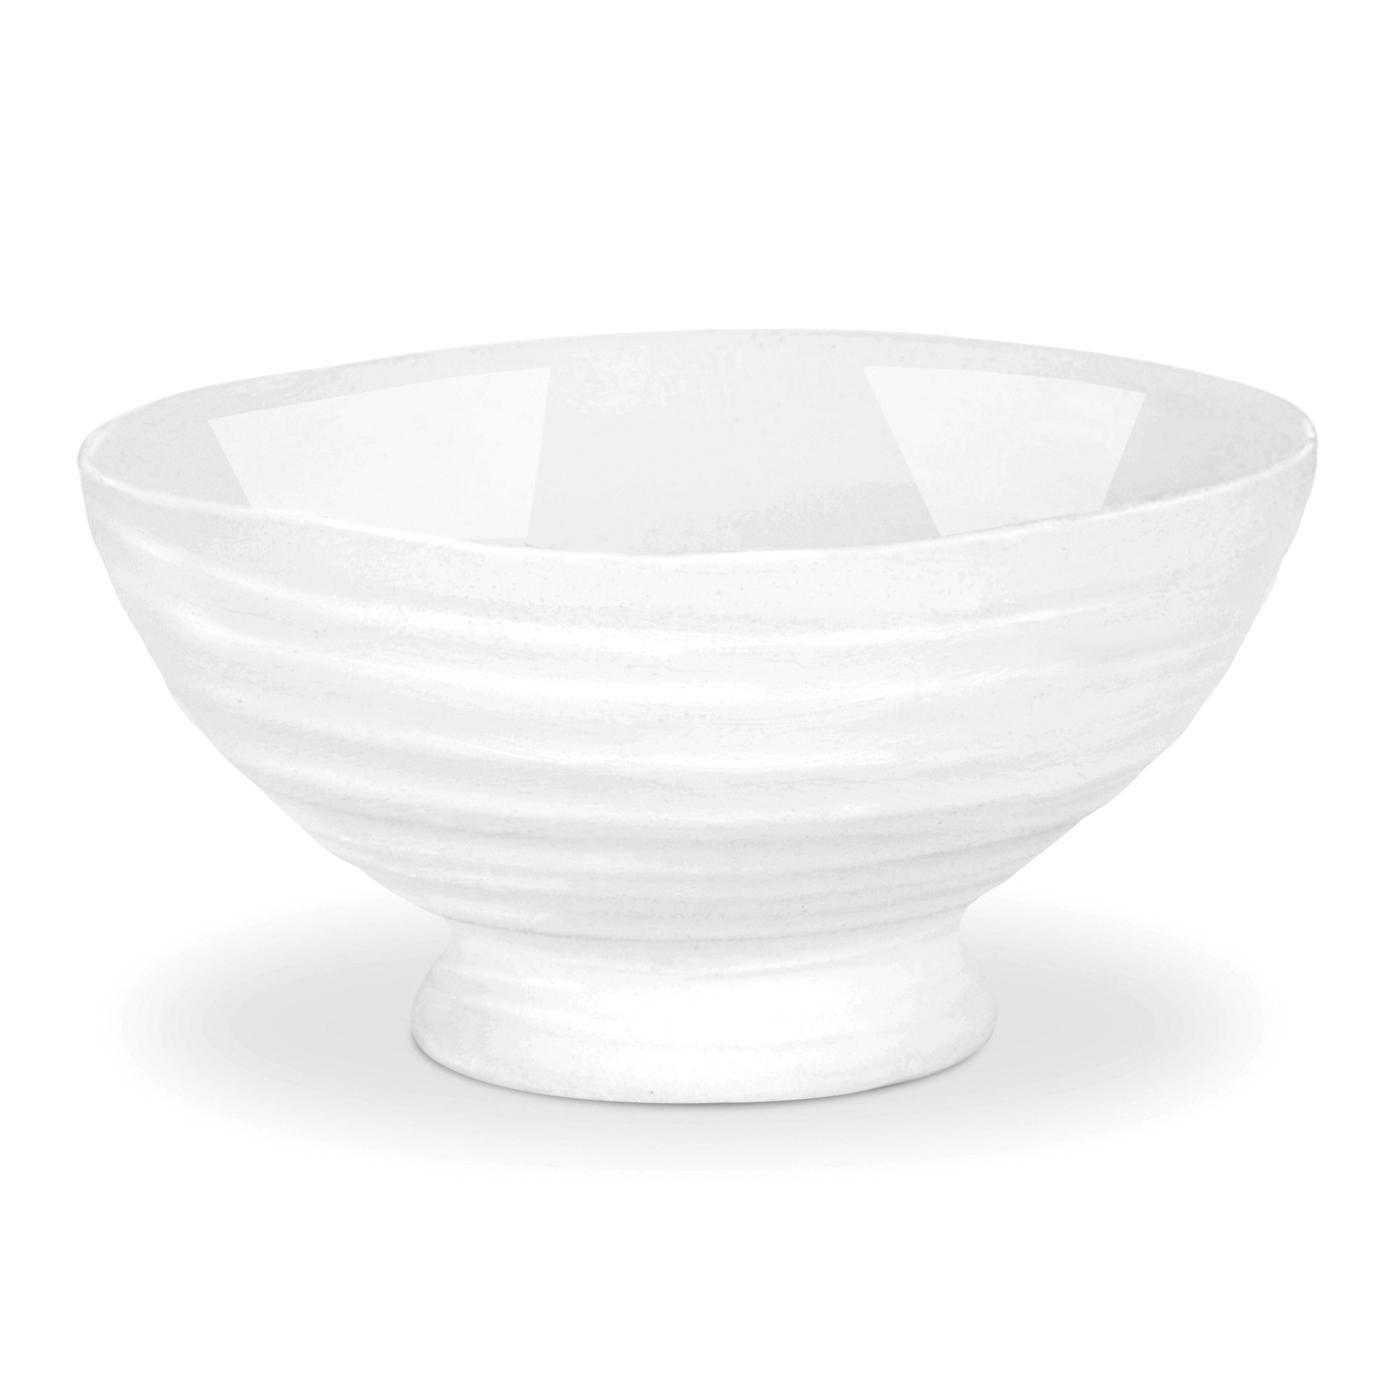 Portmeirion Sophie Conran White Mini Dip Dish, Set of 4